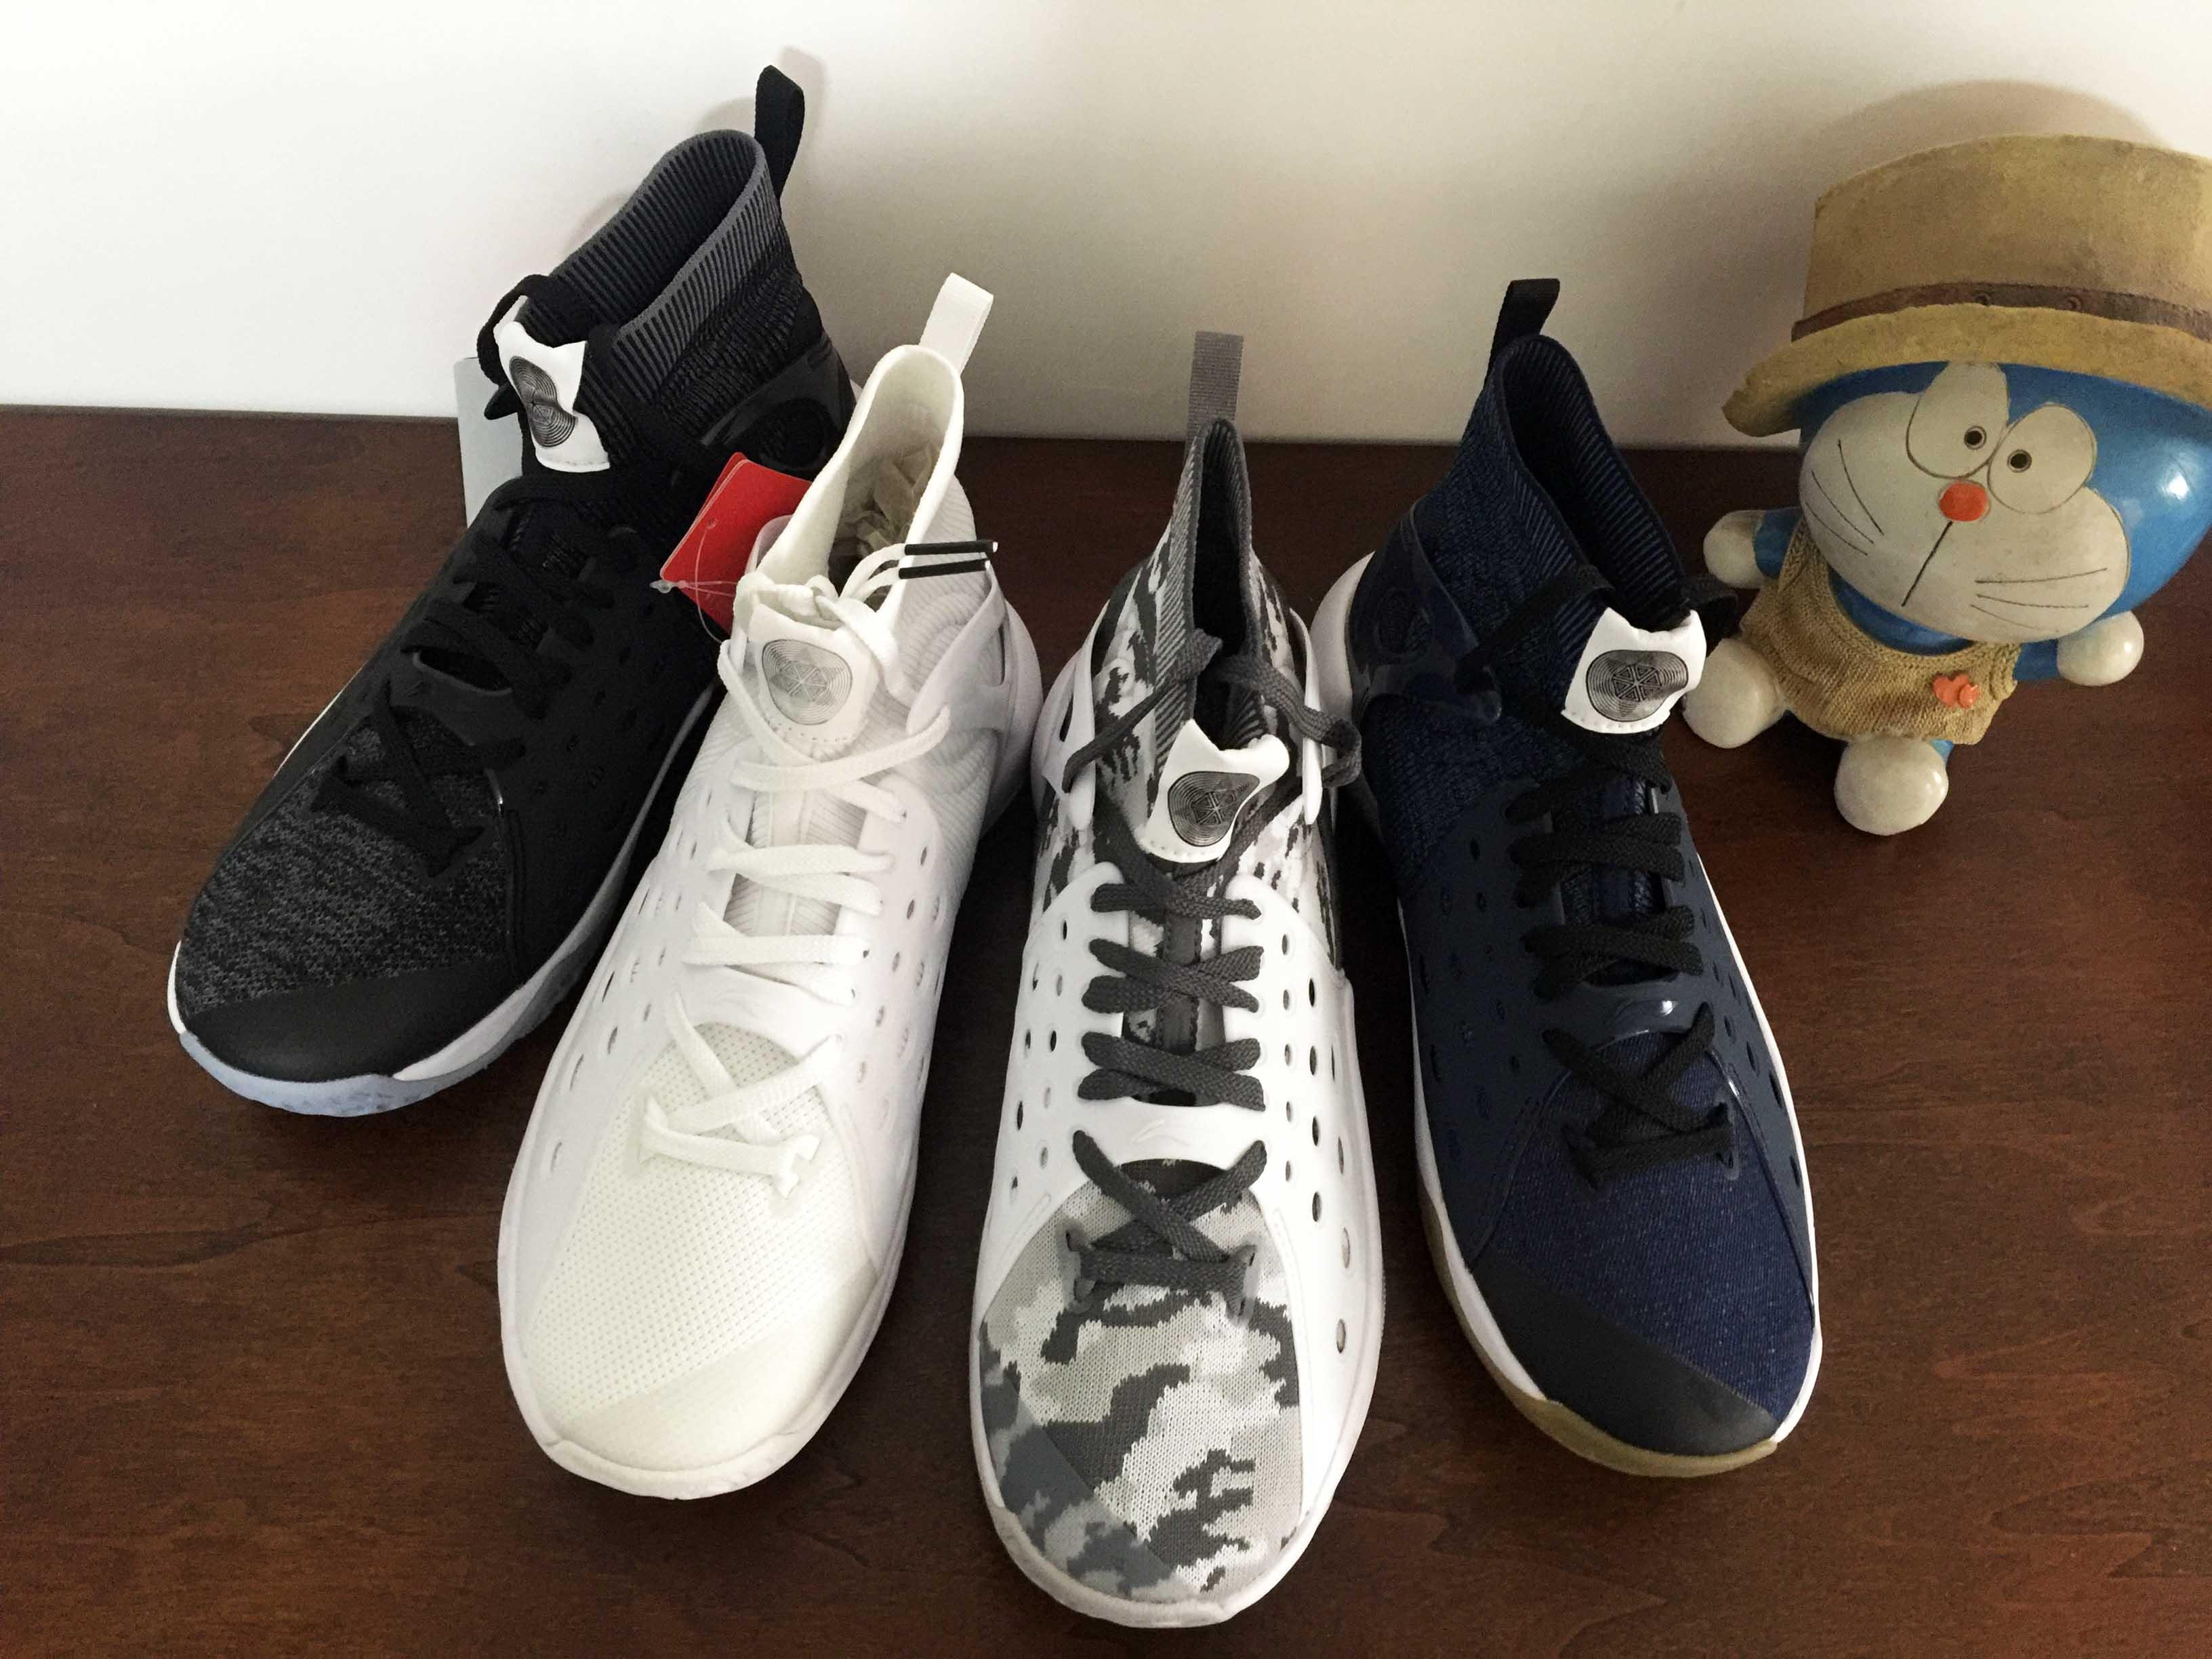 正品李宁音速6减震耐磨一体袜套高低帮篮球鞋ABAN021/ABAN053现货